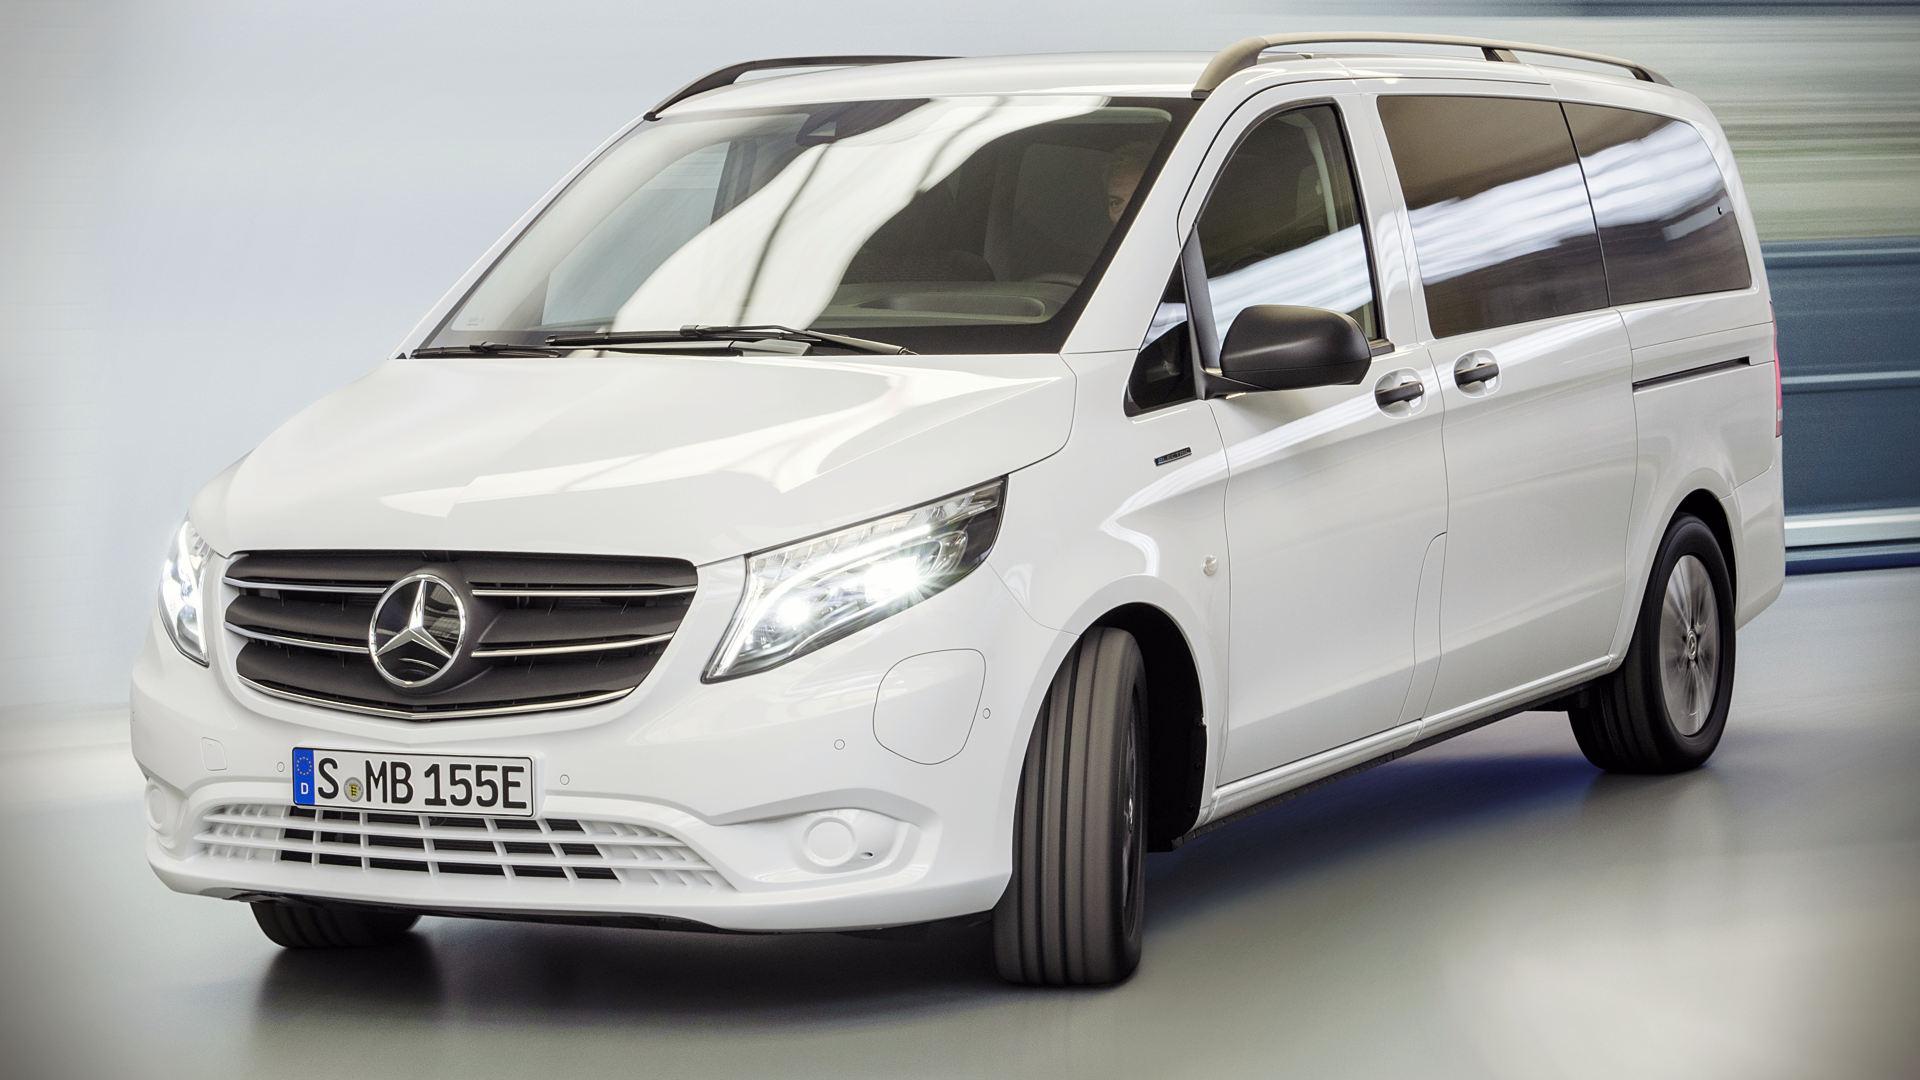 2021 Mercedes Benz eVito Tourer Wallpaper